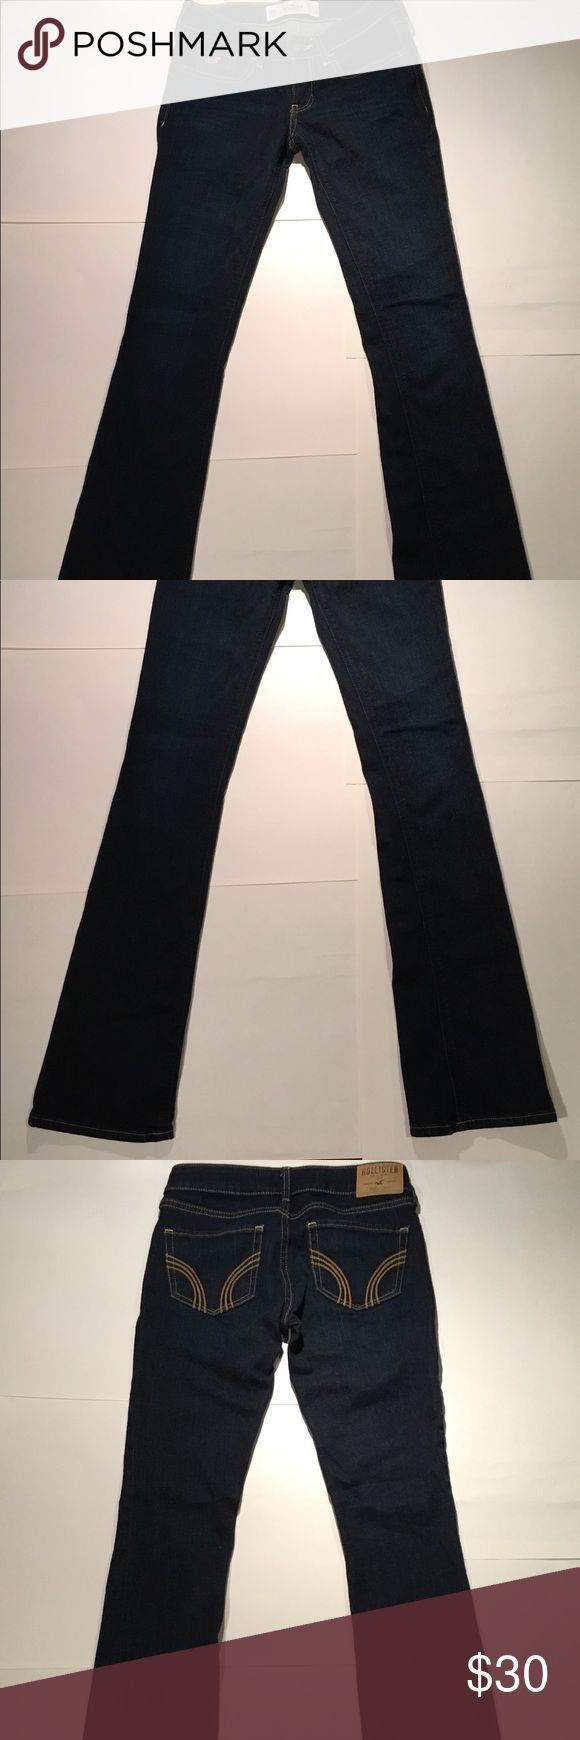 Hollister Boot Cut Jeans Hollister boot cut jeans Size 00R / W23 / L33 98% cotton 2% elastane Hollister Jeans Boot Cut